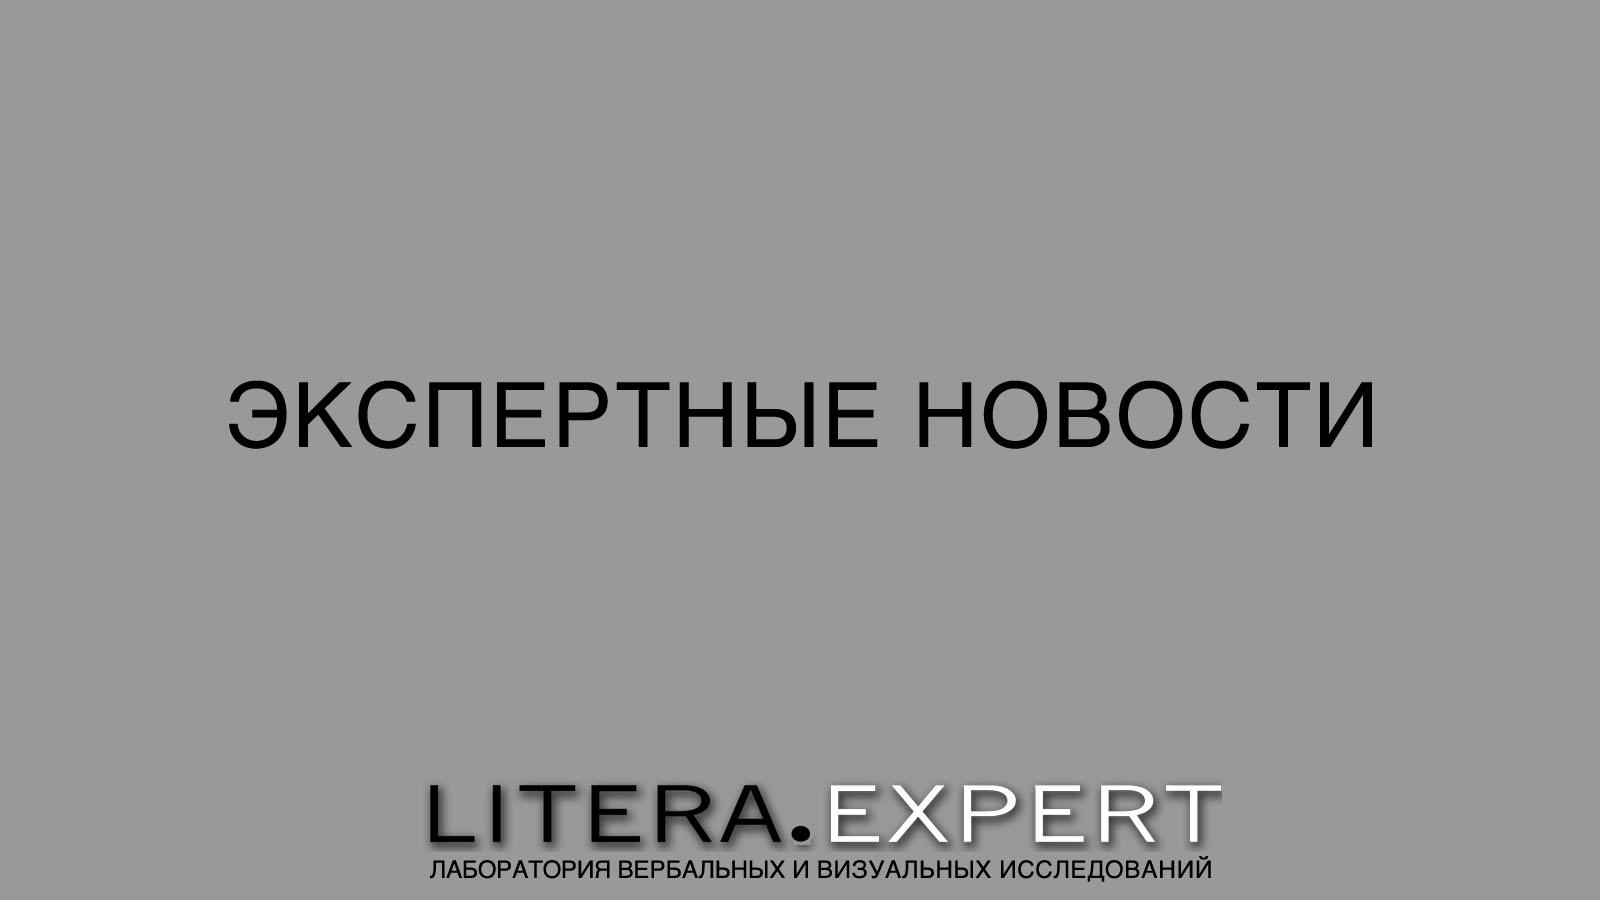 litera.expert news экспертные новости, сахалин, калининград, дальний восток, крым,